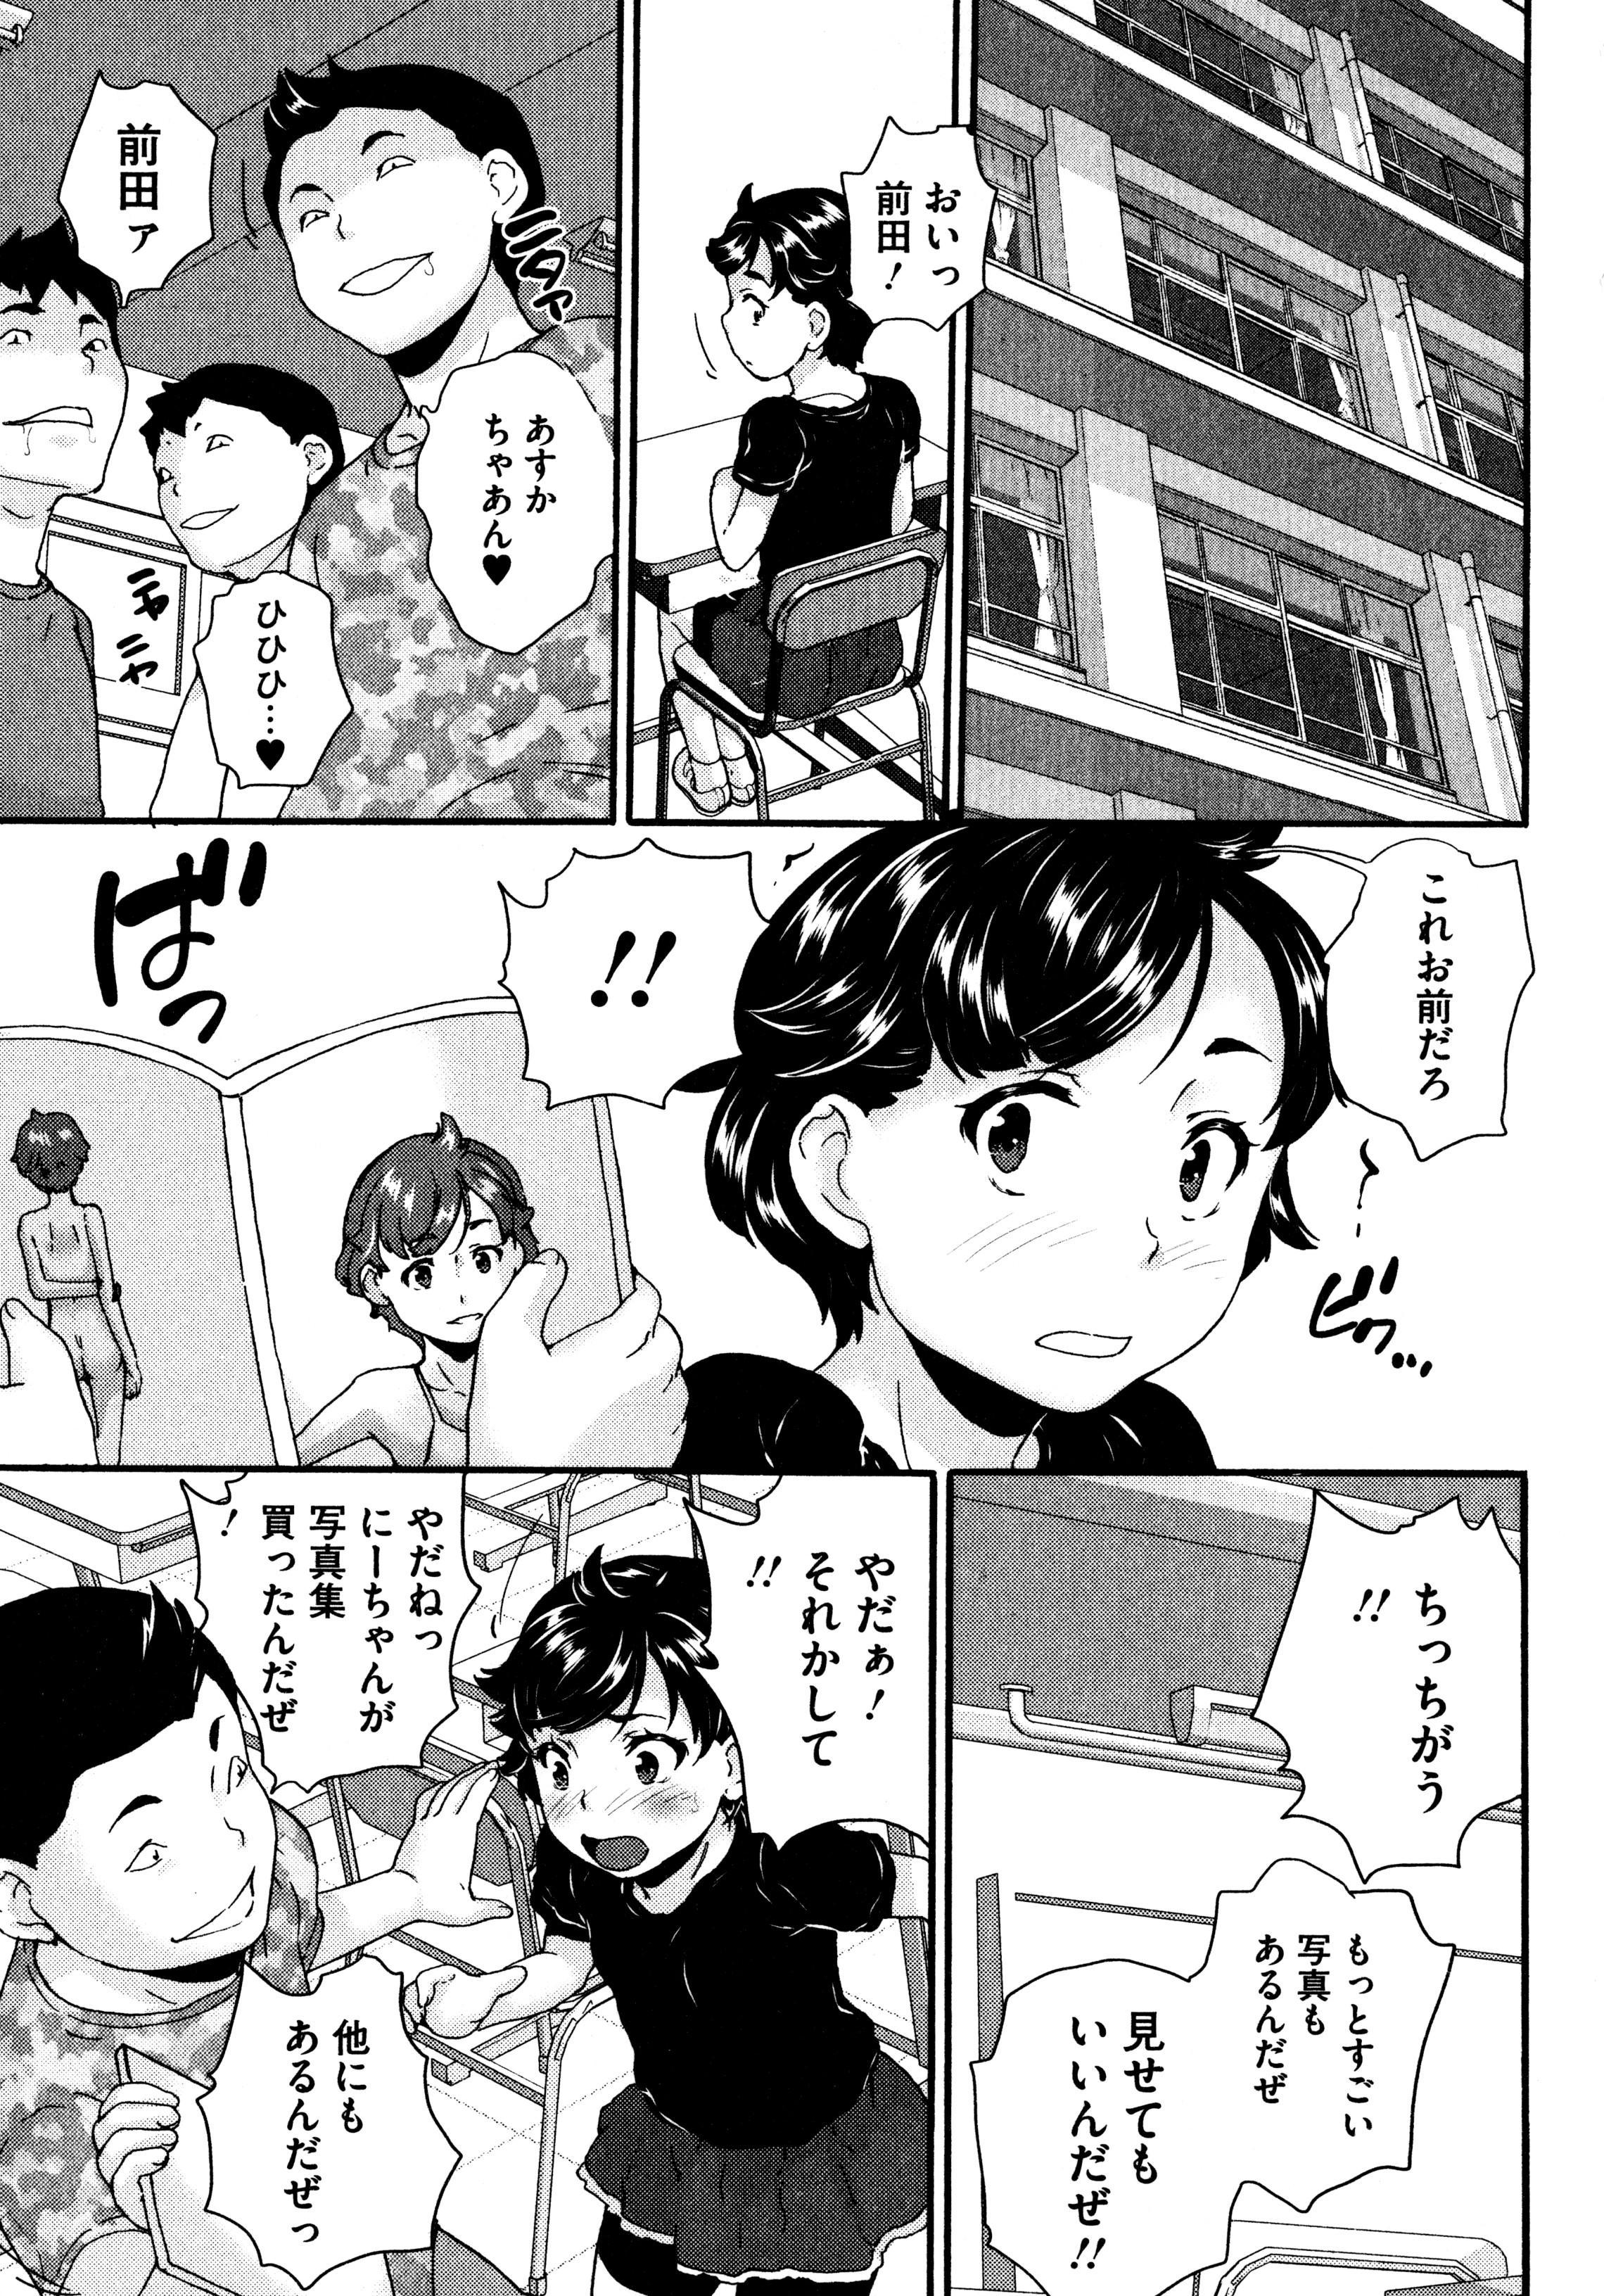 Bishoujo Ijime School 179